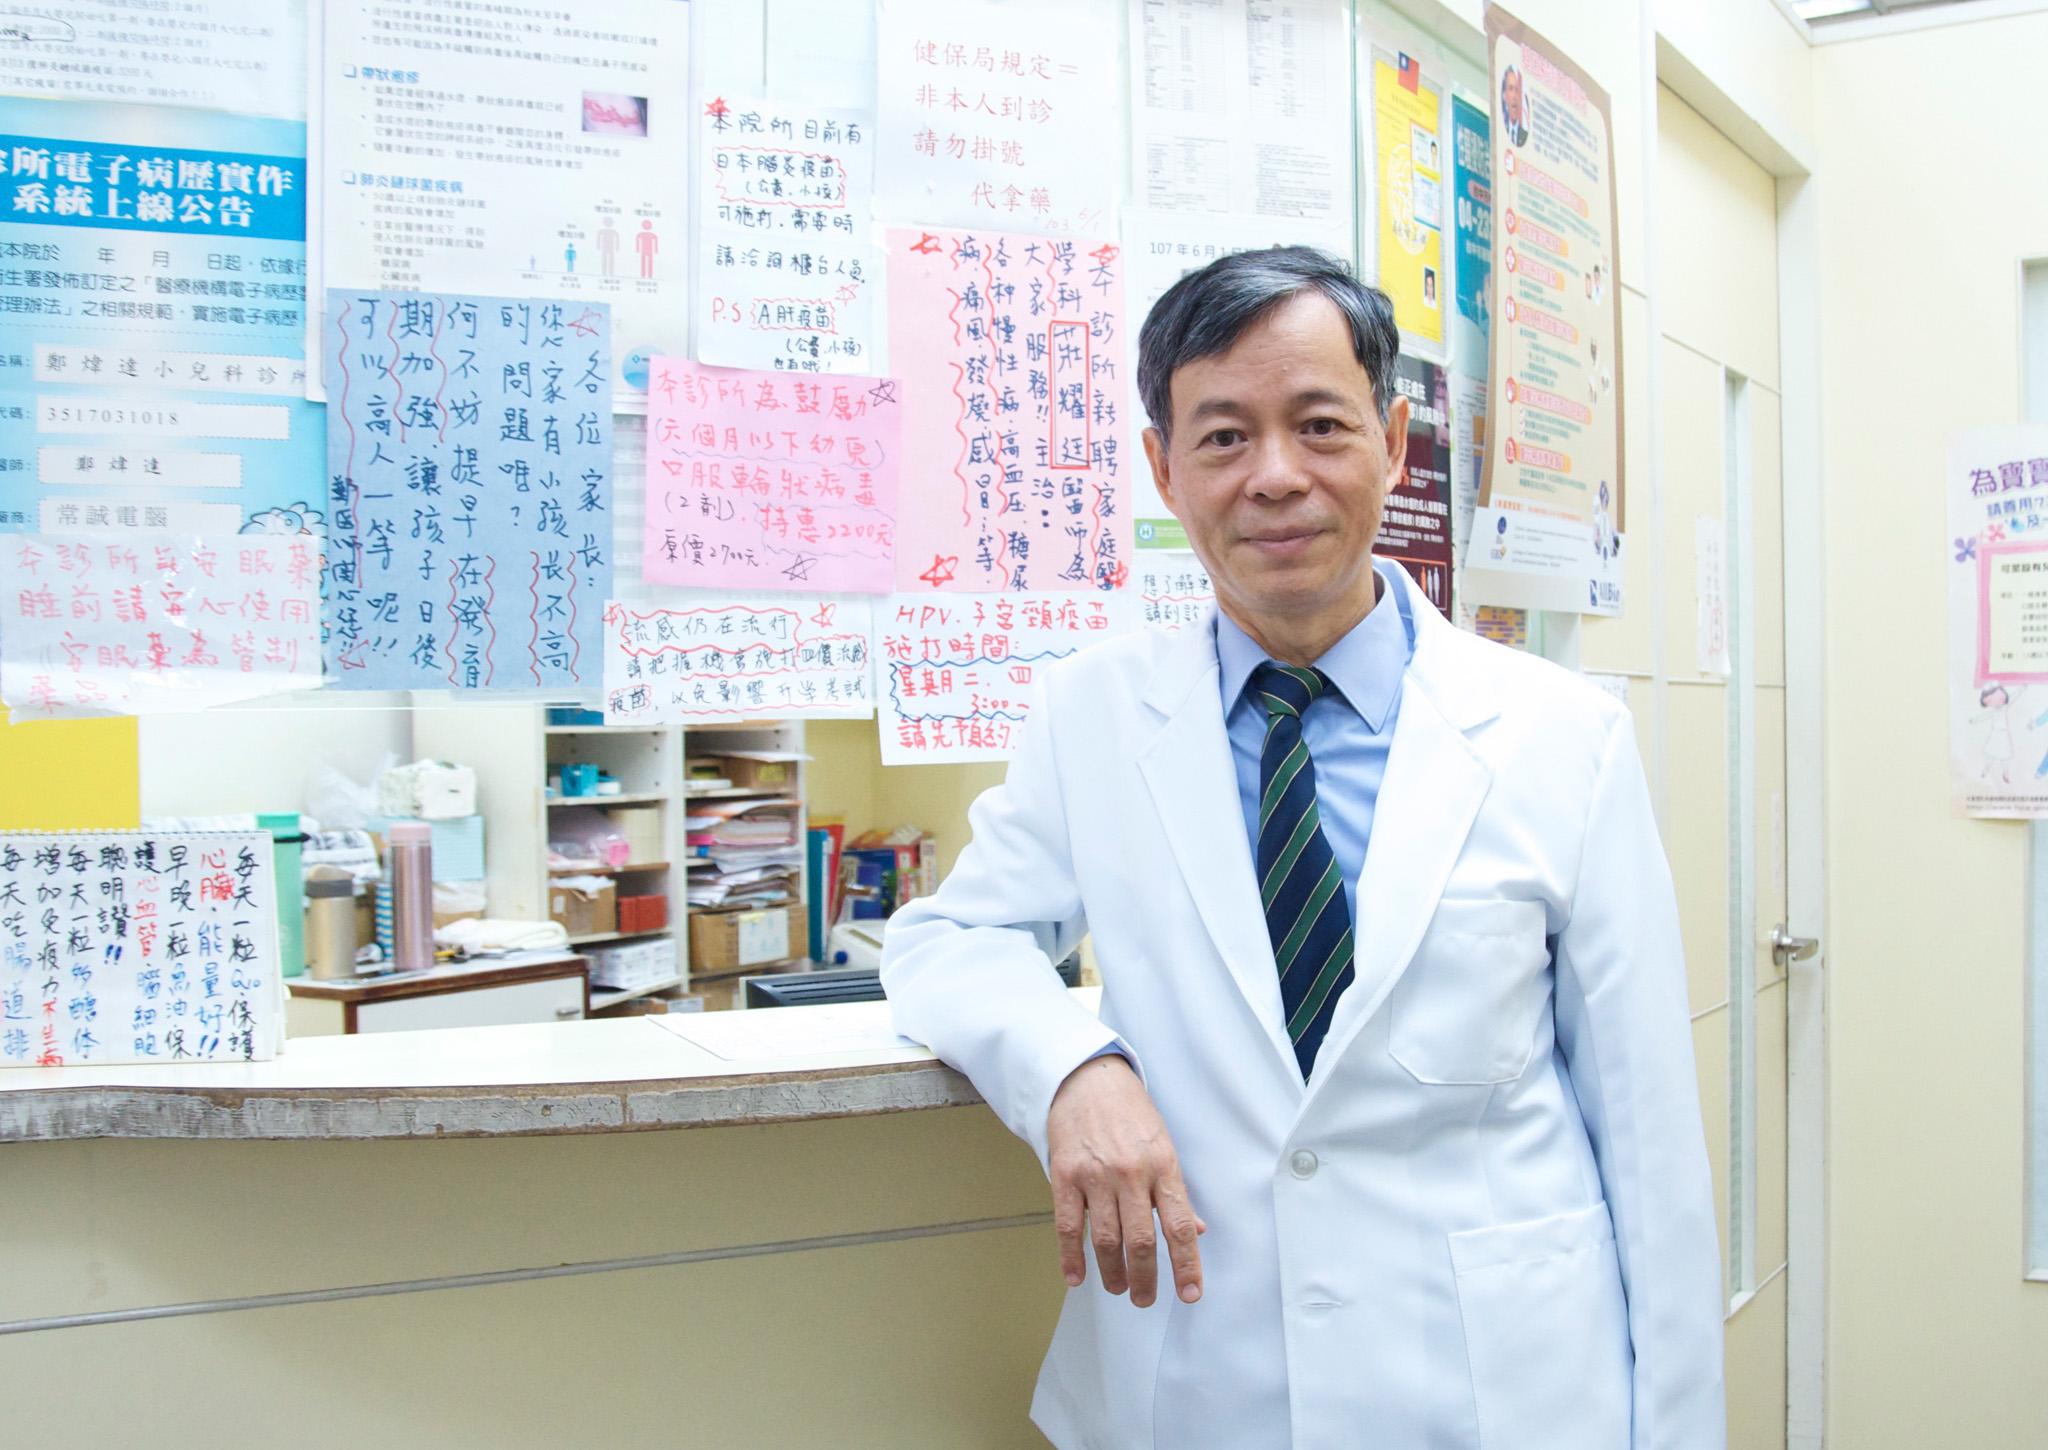 鄭煒達醫師研習多項專業醫學,給予患者最專業的醫療服務。